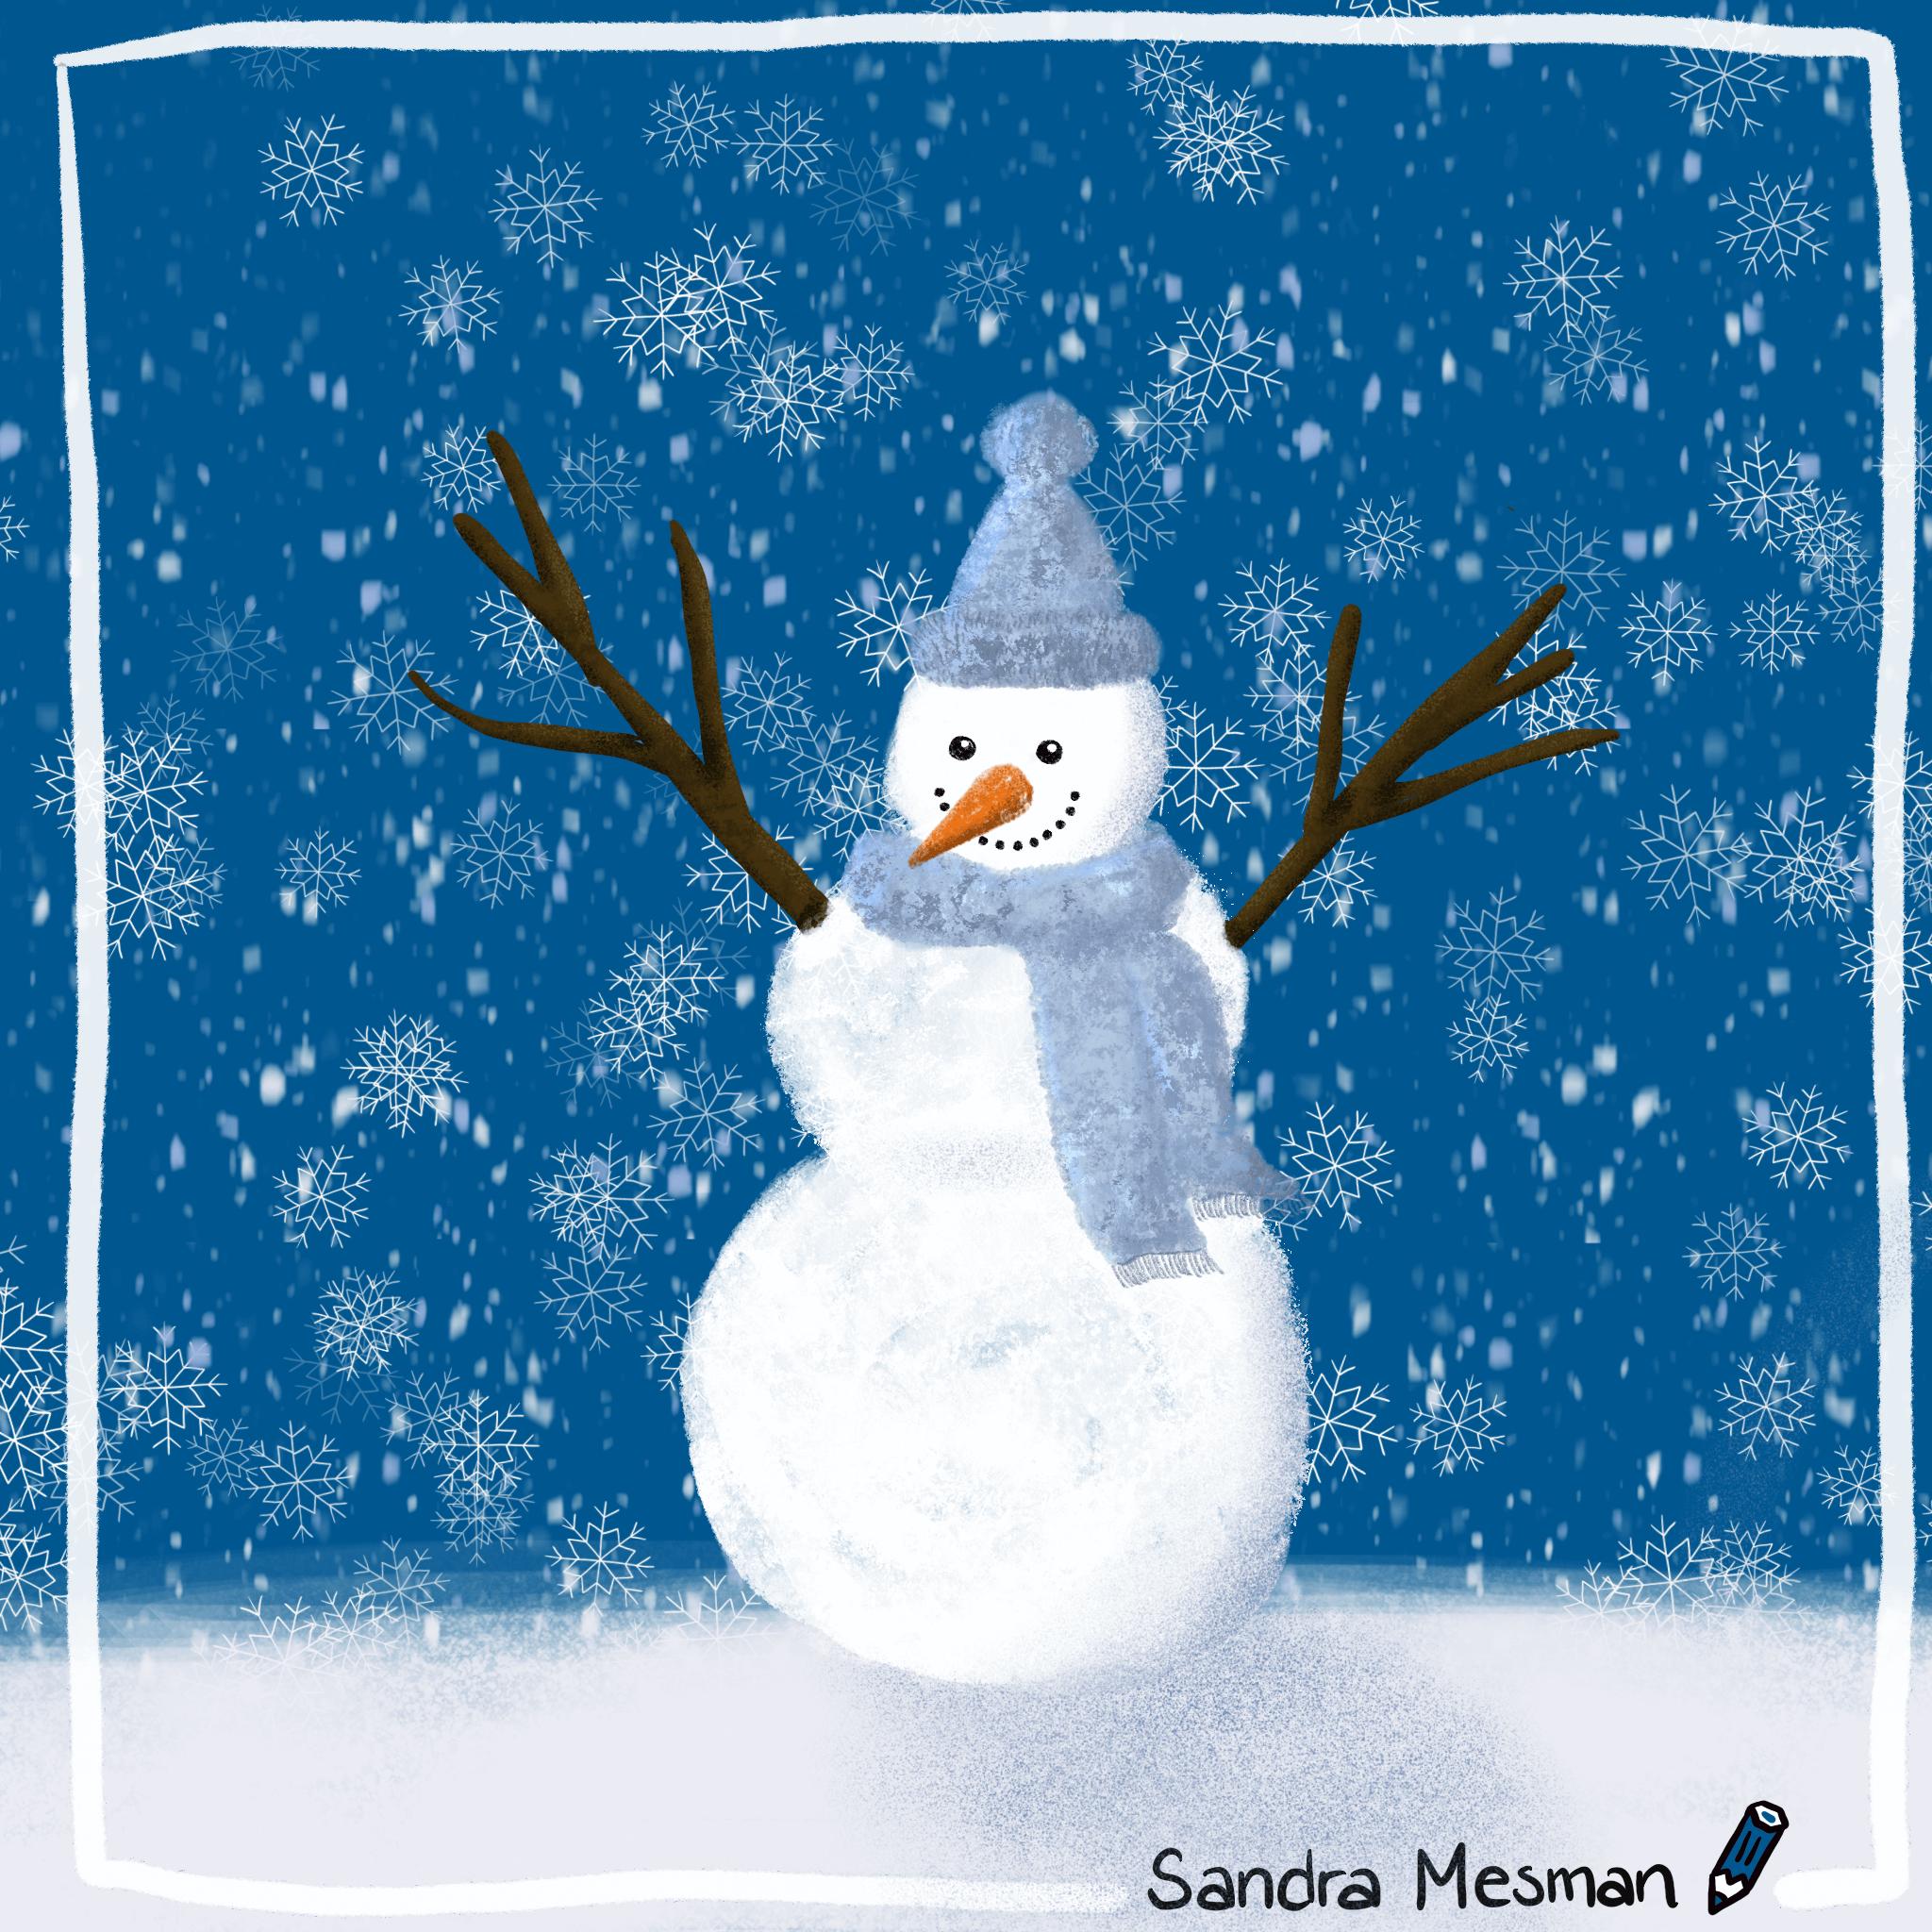 Sneeuwpop tekening als huiswerk voor de online cursus procreate voor gevorderden van Gouden Lijntjes